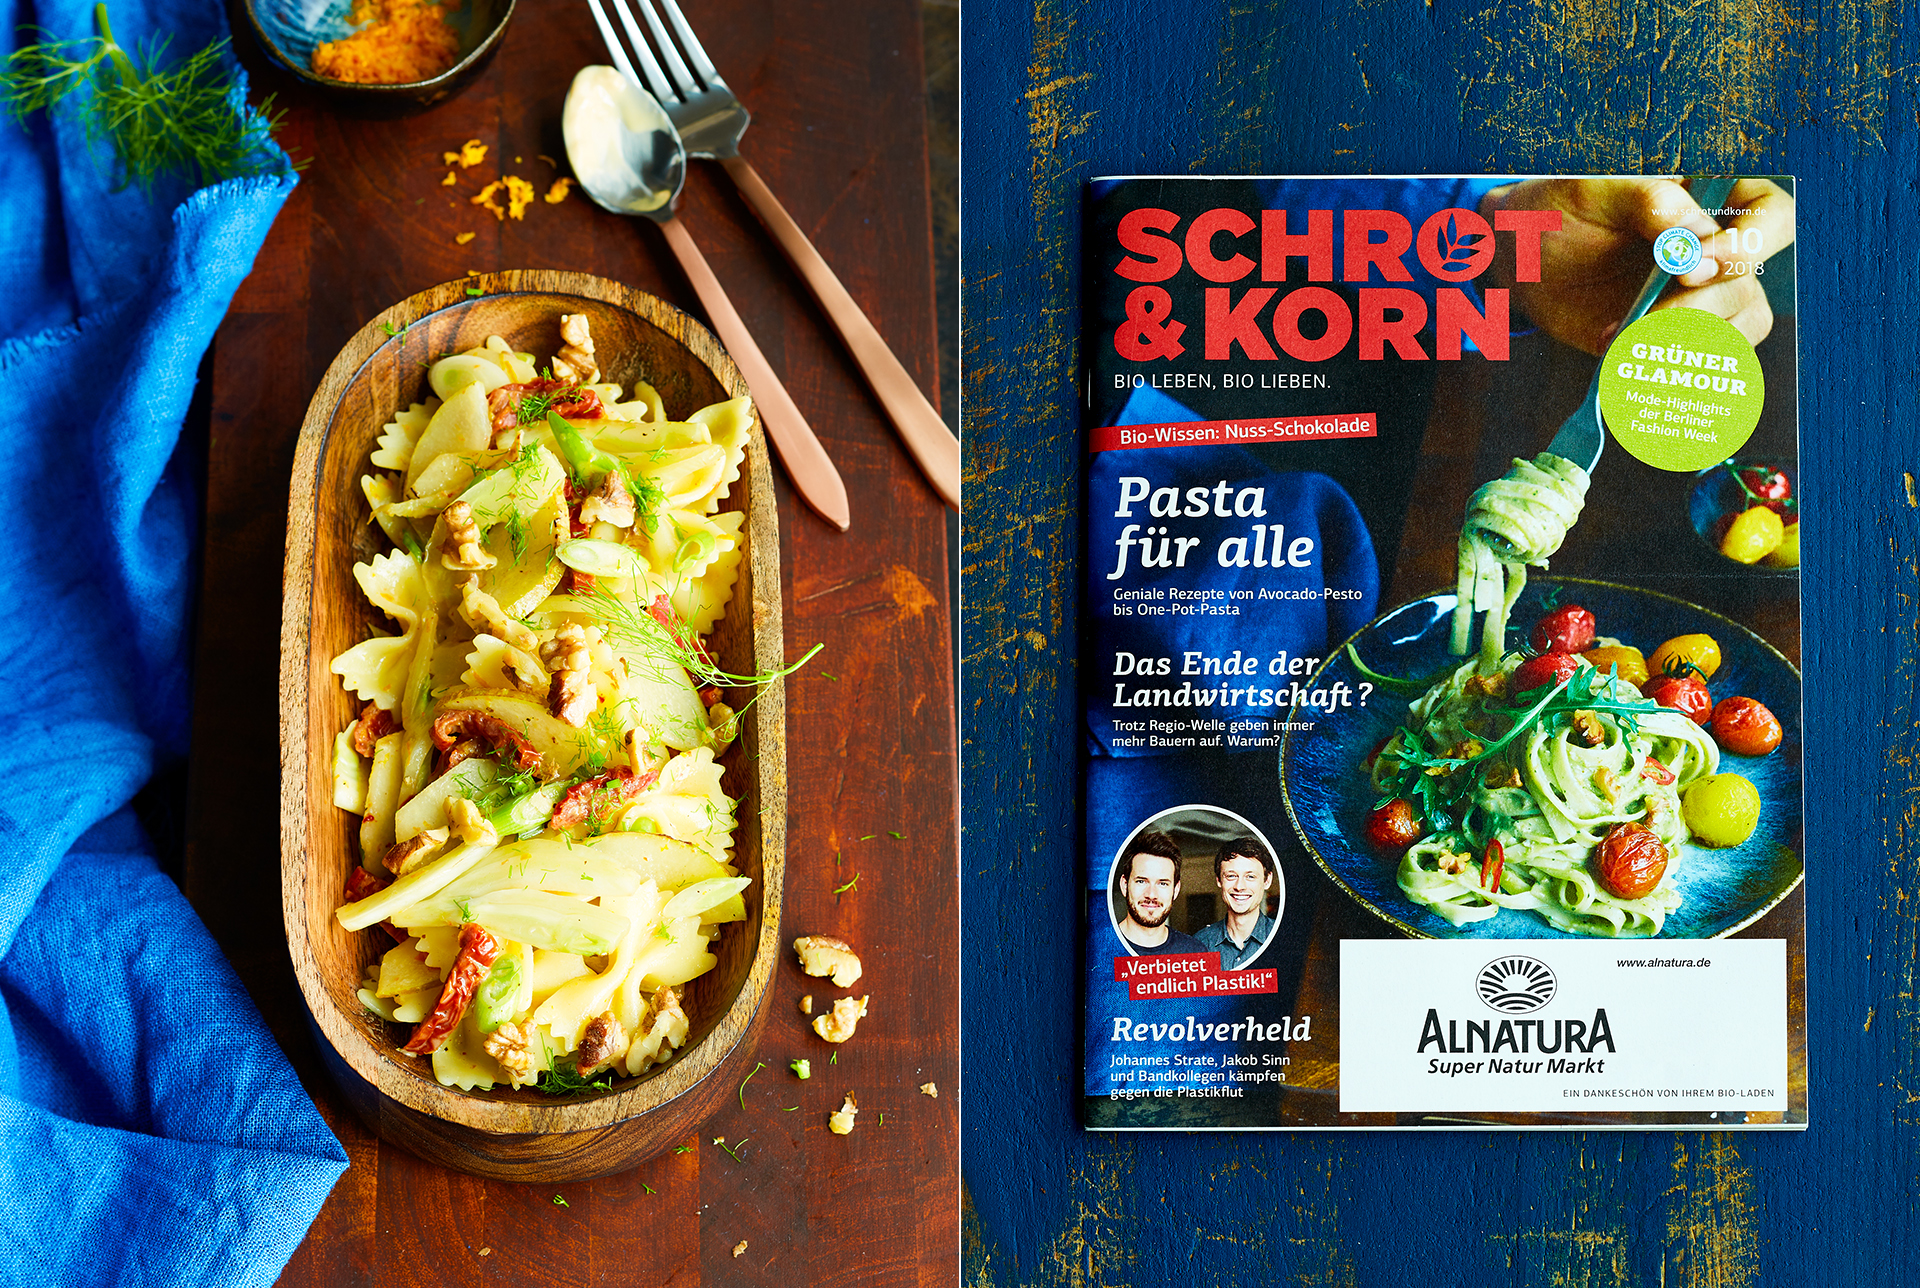 Rezeptaufnahme von Farfallenudeln mit Dill, getrockneten Tomaten und Walnuessen.  Cover Schrot und Korn Ausgabe 10/2018